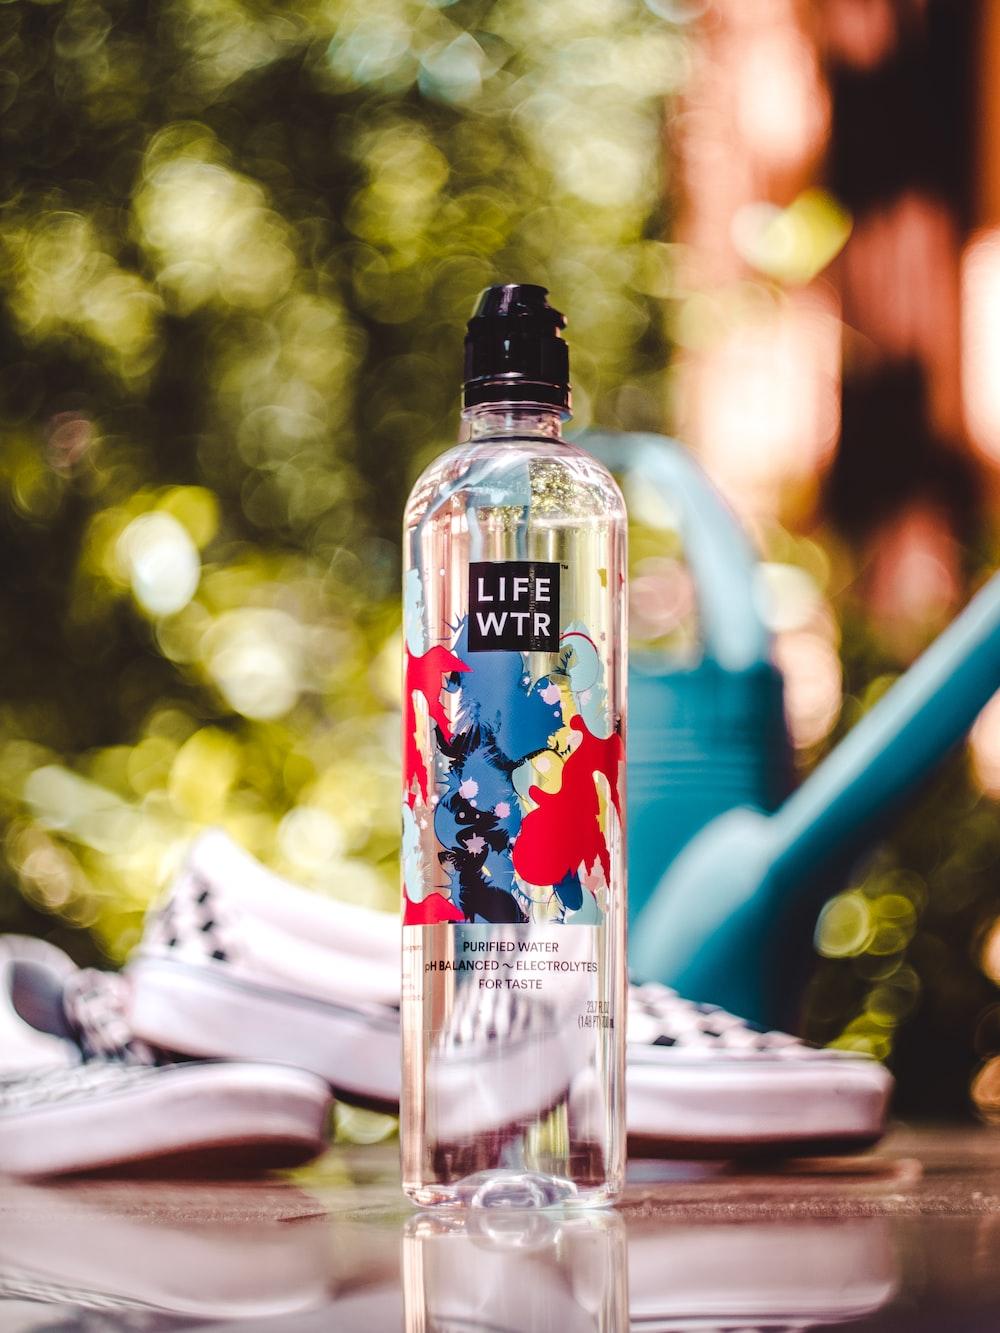 LIFE WTR bottle near black-and-white slip-on shoes